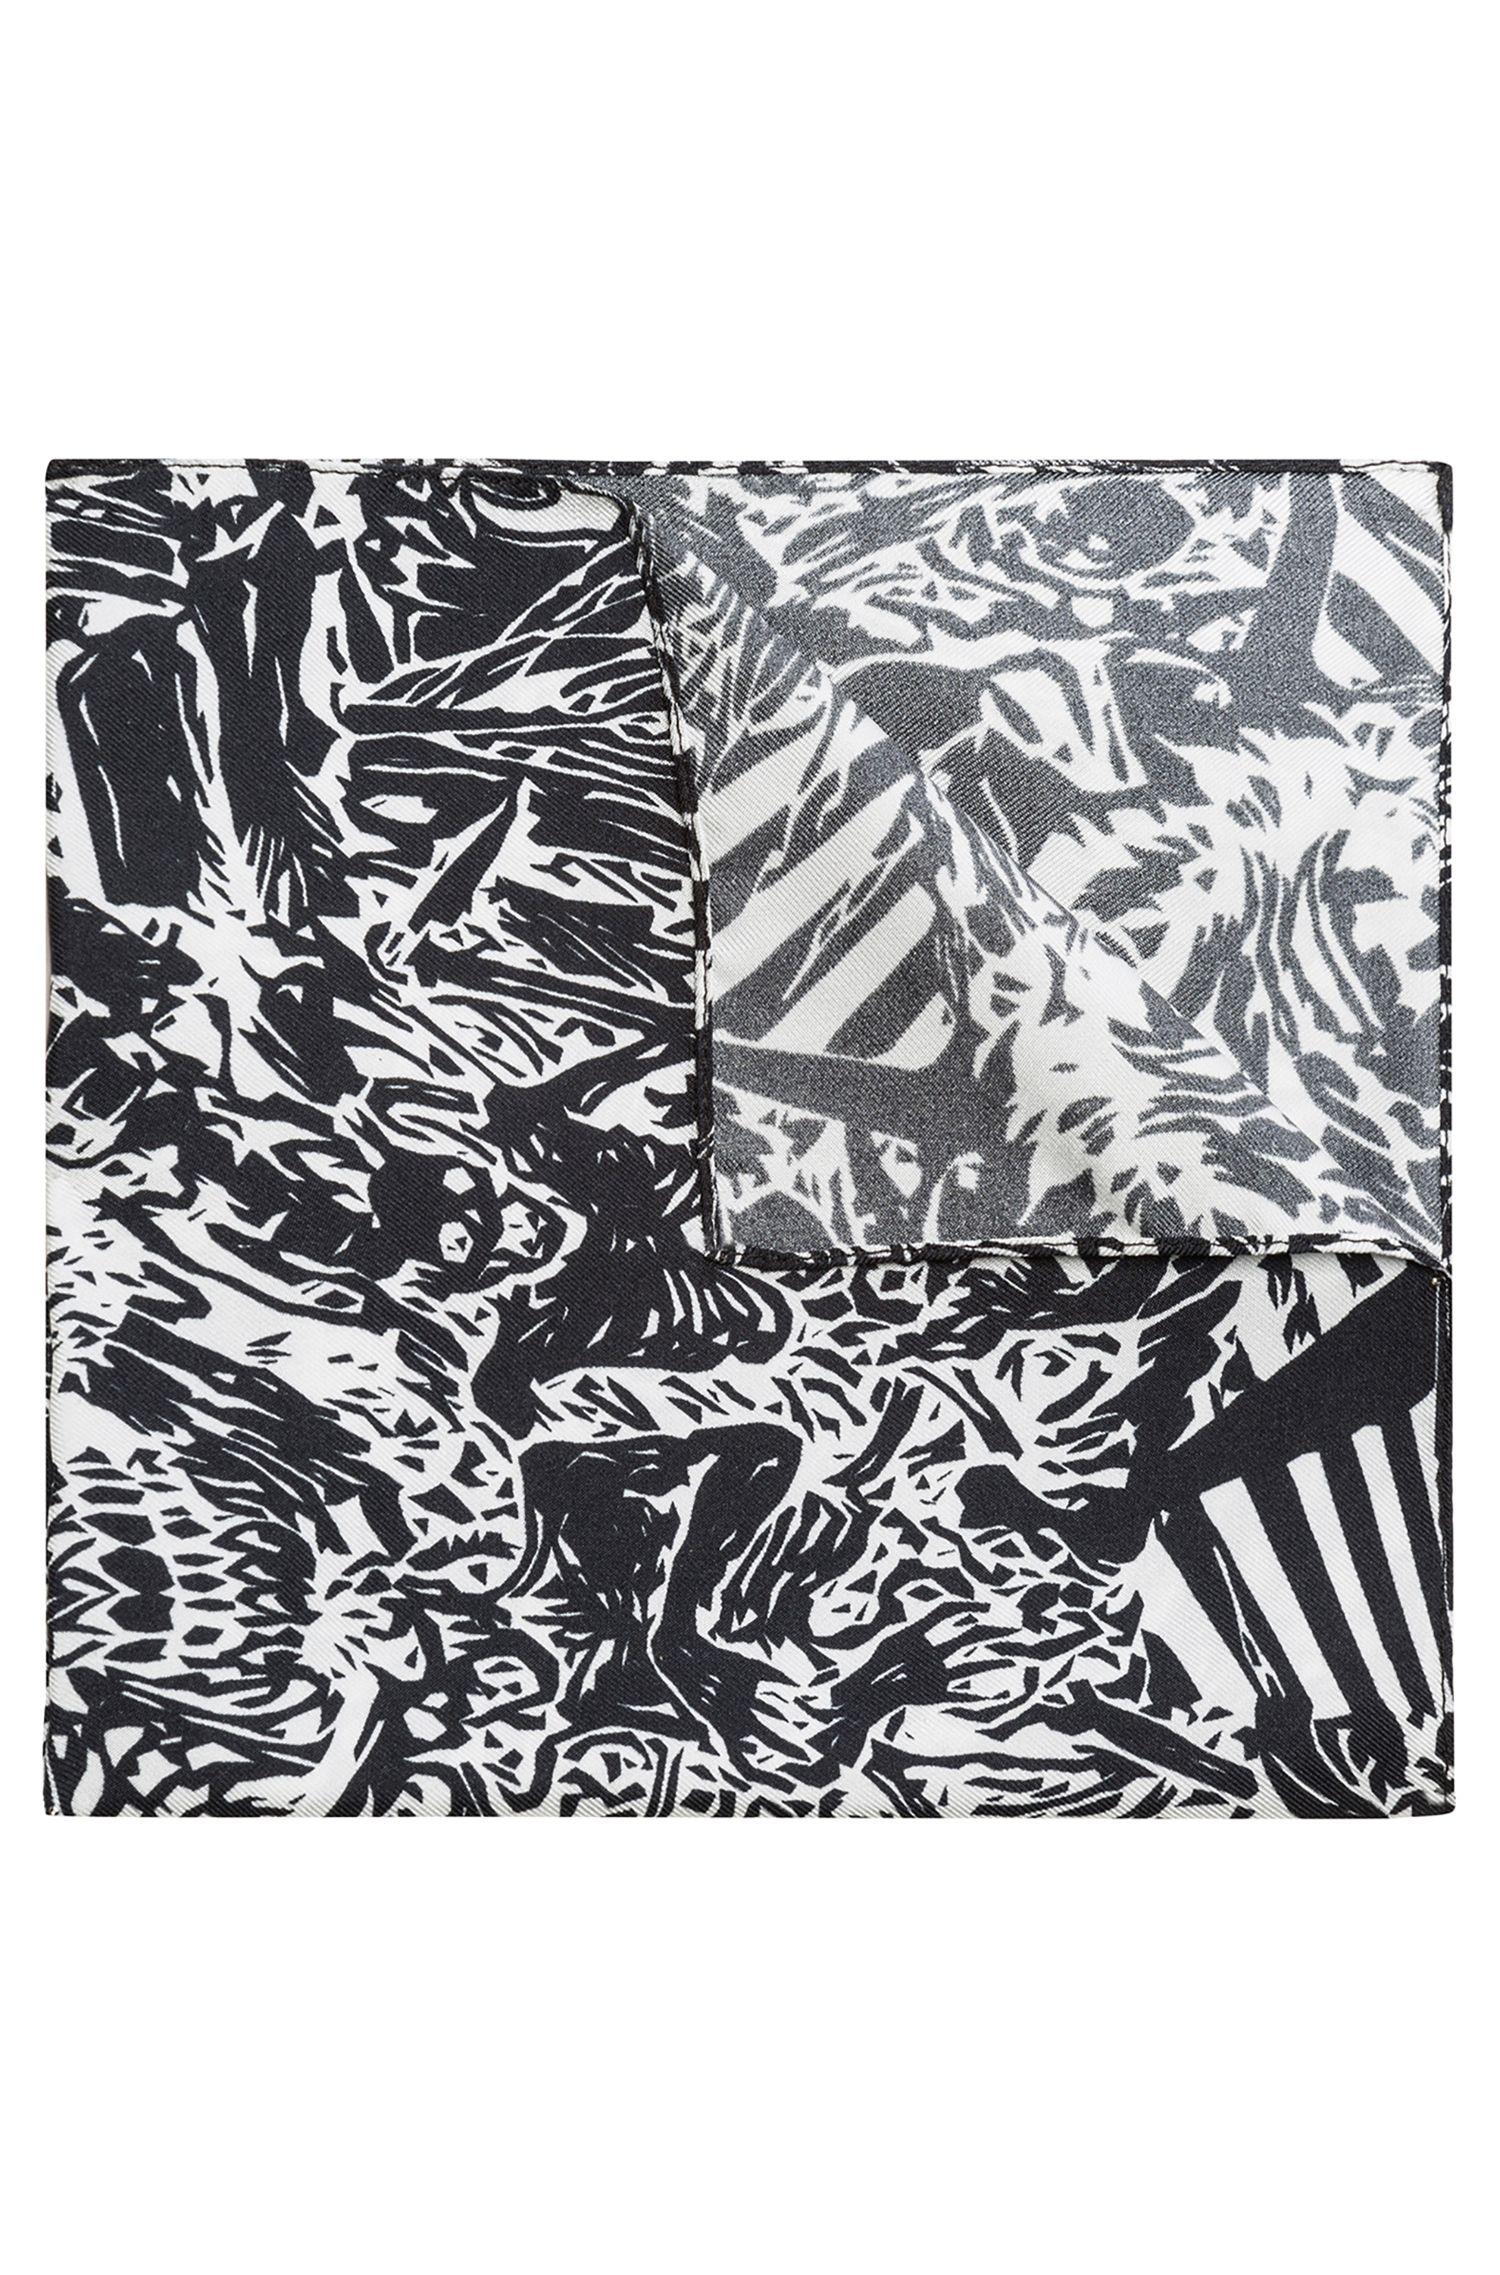 Einstecktuch aus Seiden-Twill mit hawaiianischem Skelett-Print